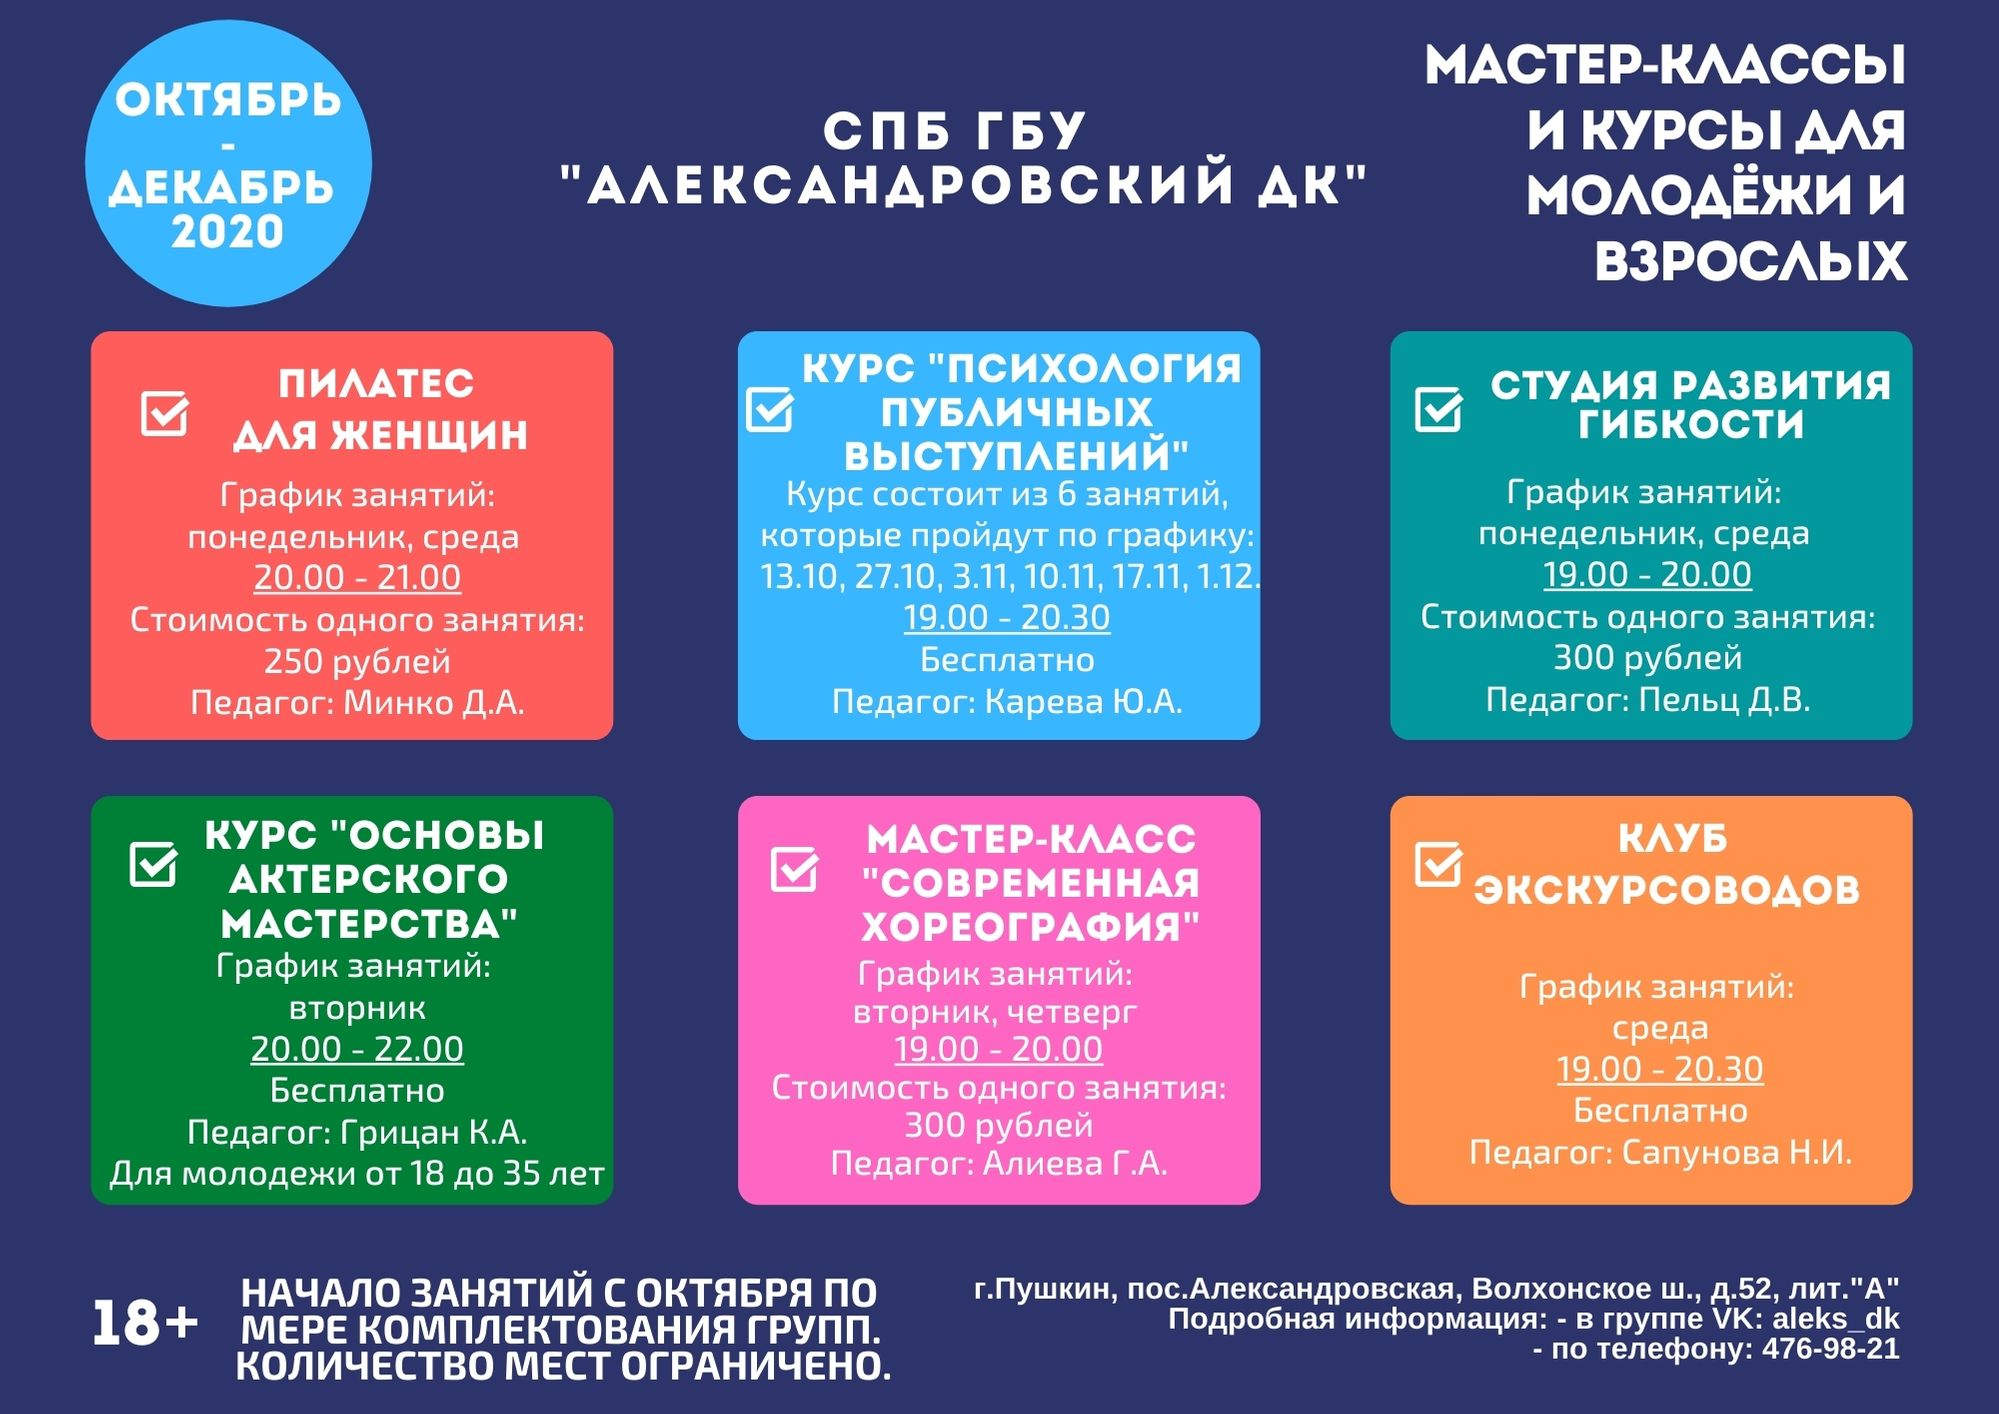 График занятий_ понедельник, среда 20.00 - 21.00 Стоимость одного занятия_ 250 рублей Педагог_ Минко Д.А. (1)